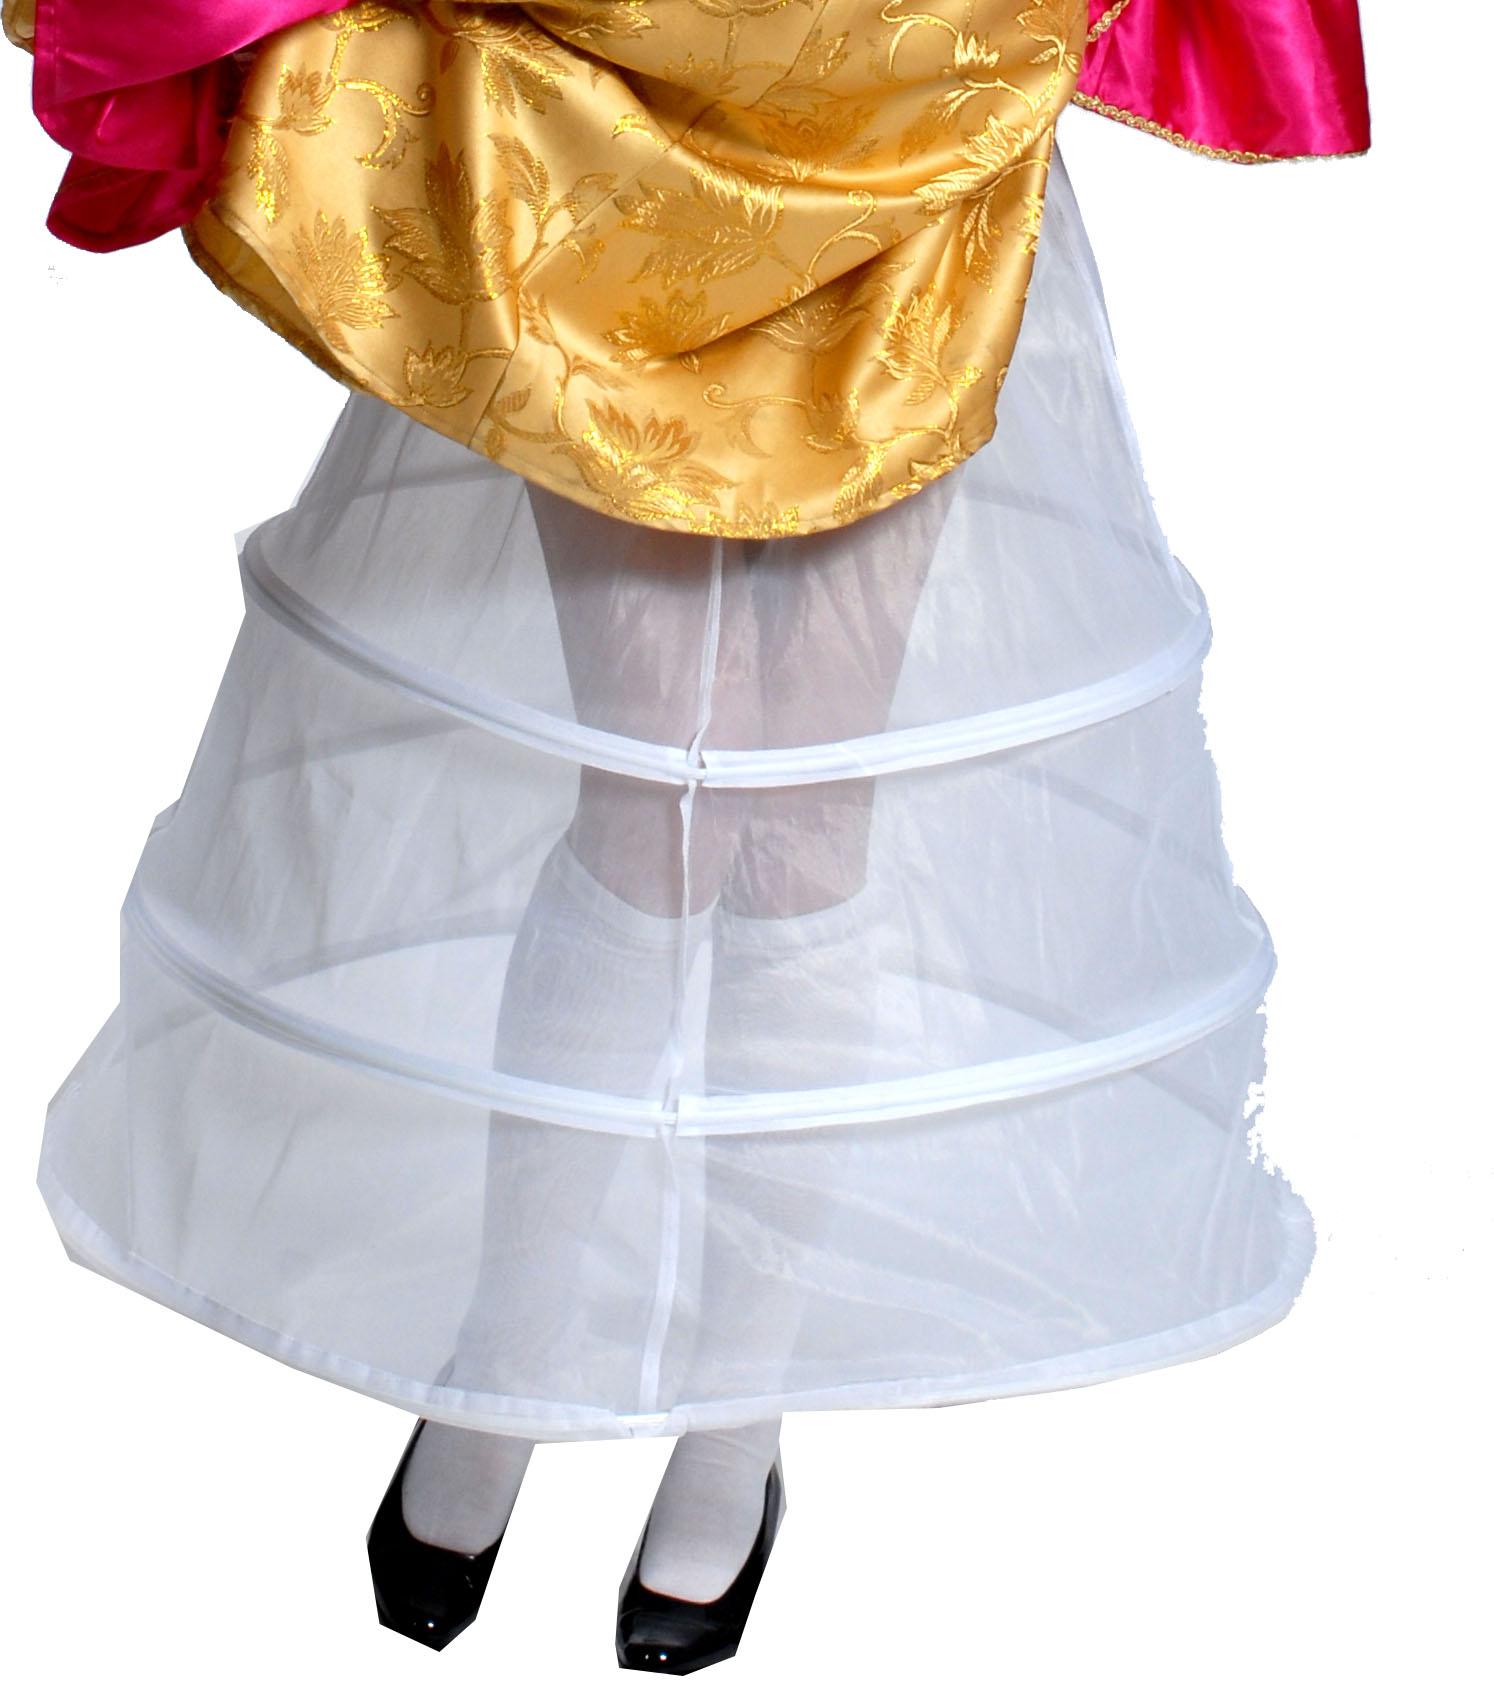 Petticoat wit 100 cm-0